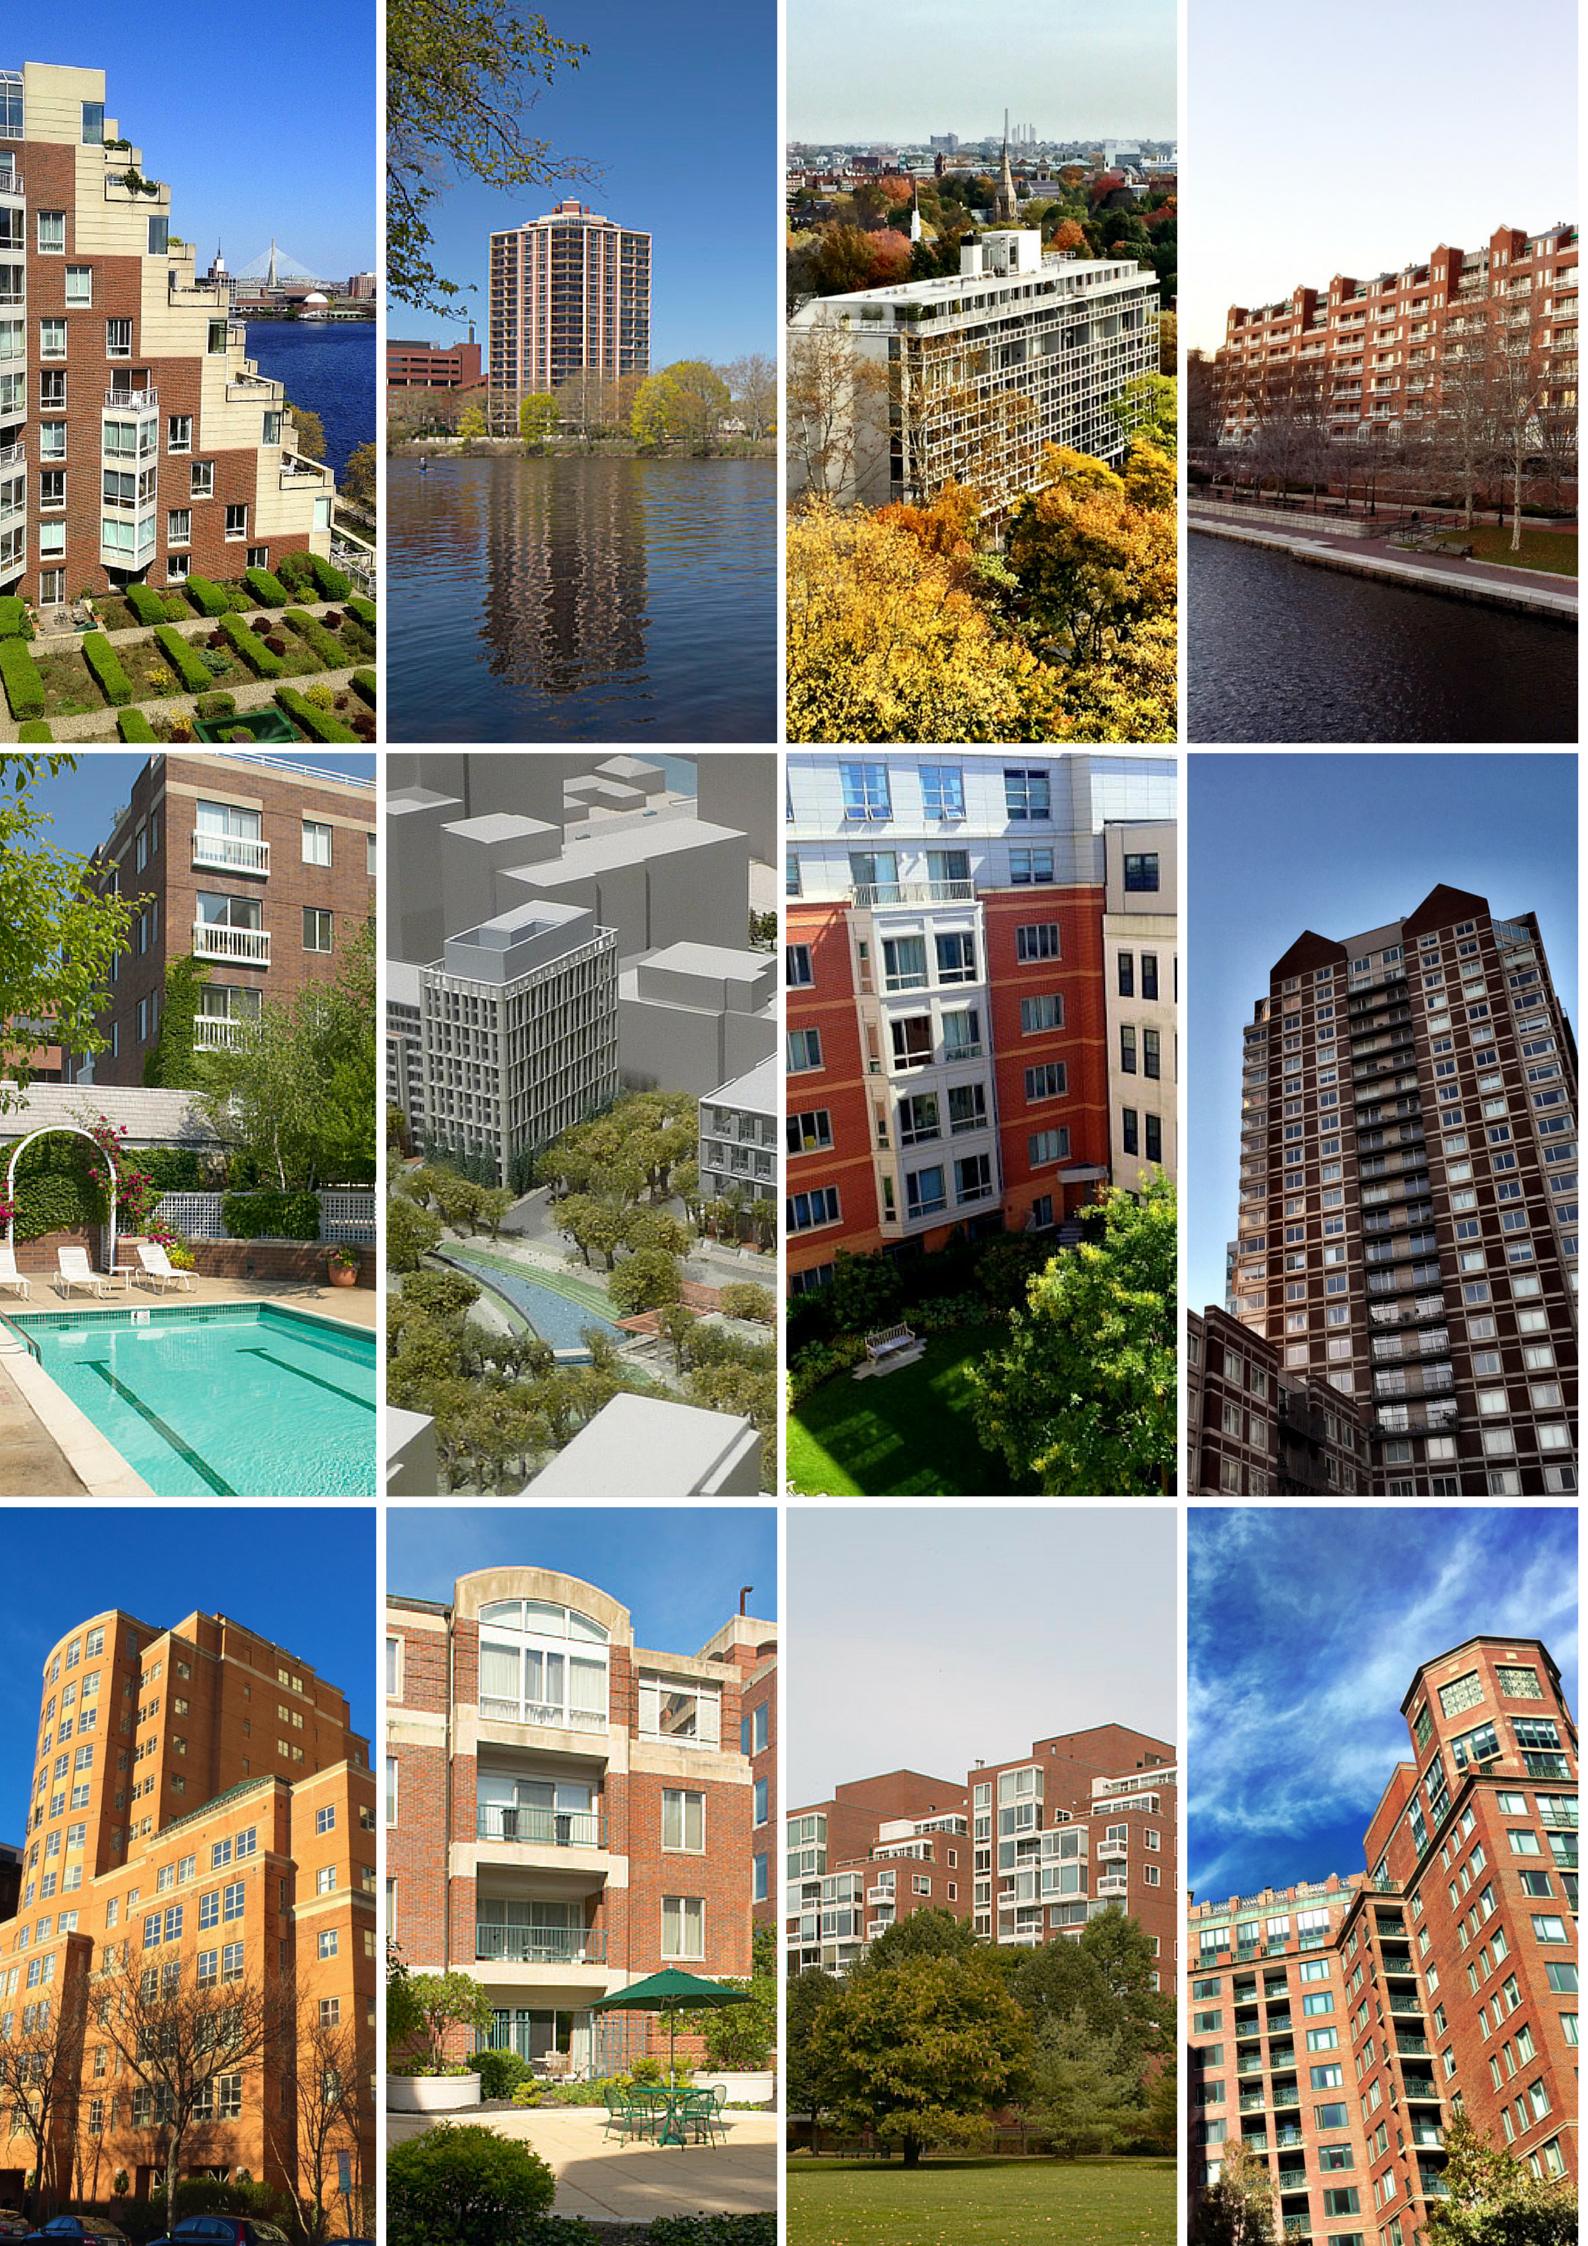 Concierge Buildings in Cambridge MA